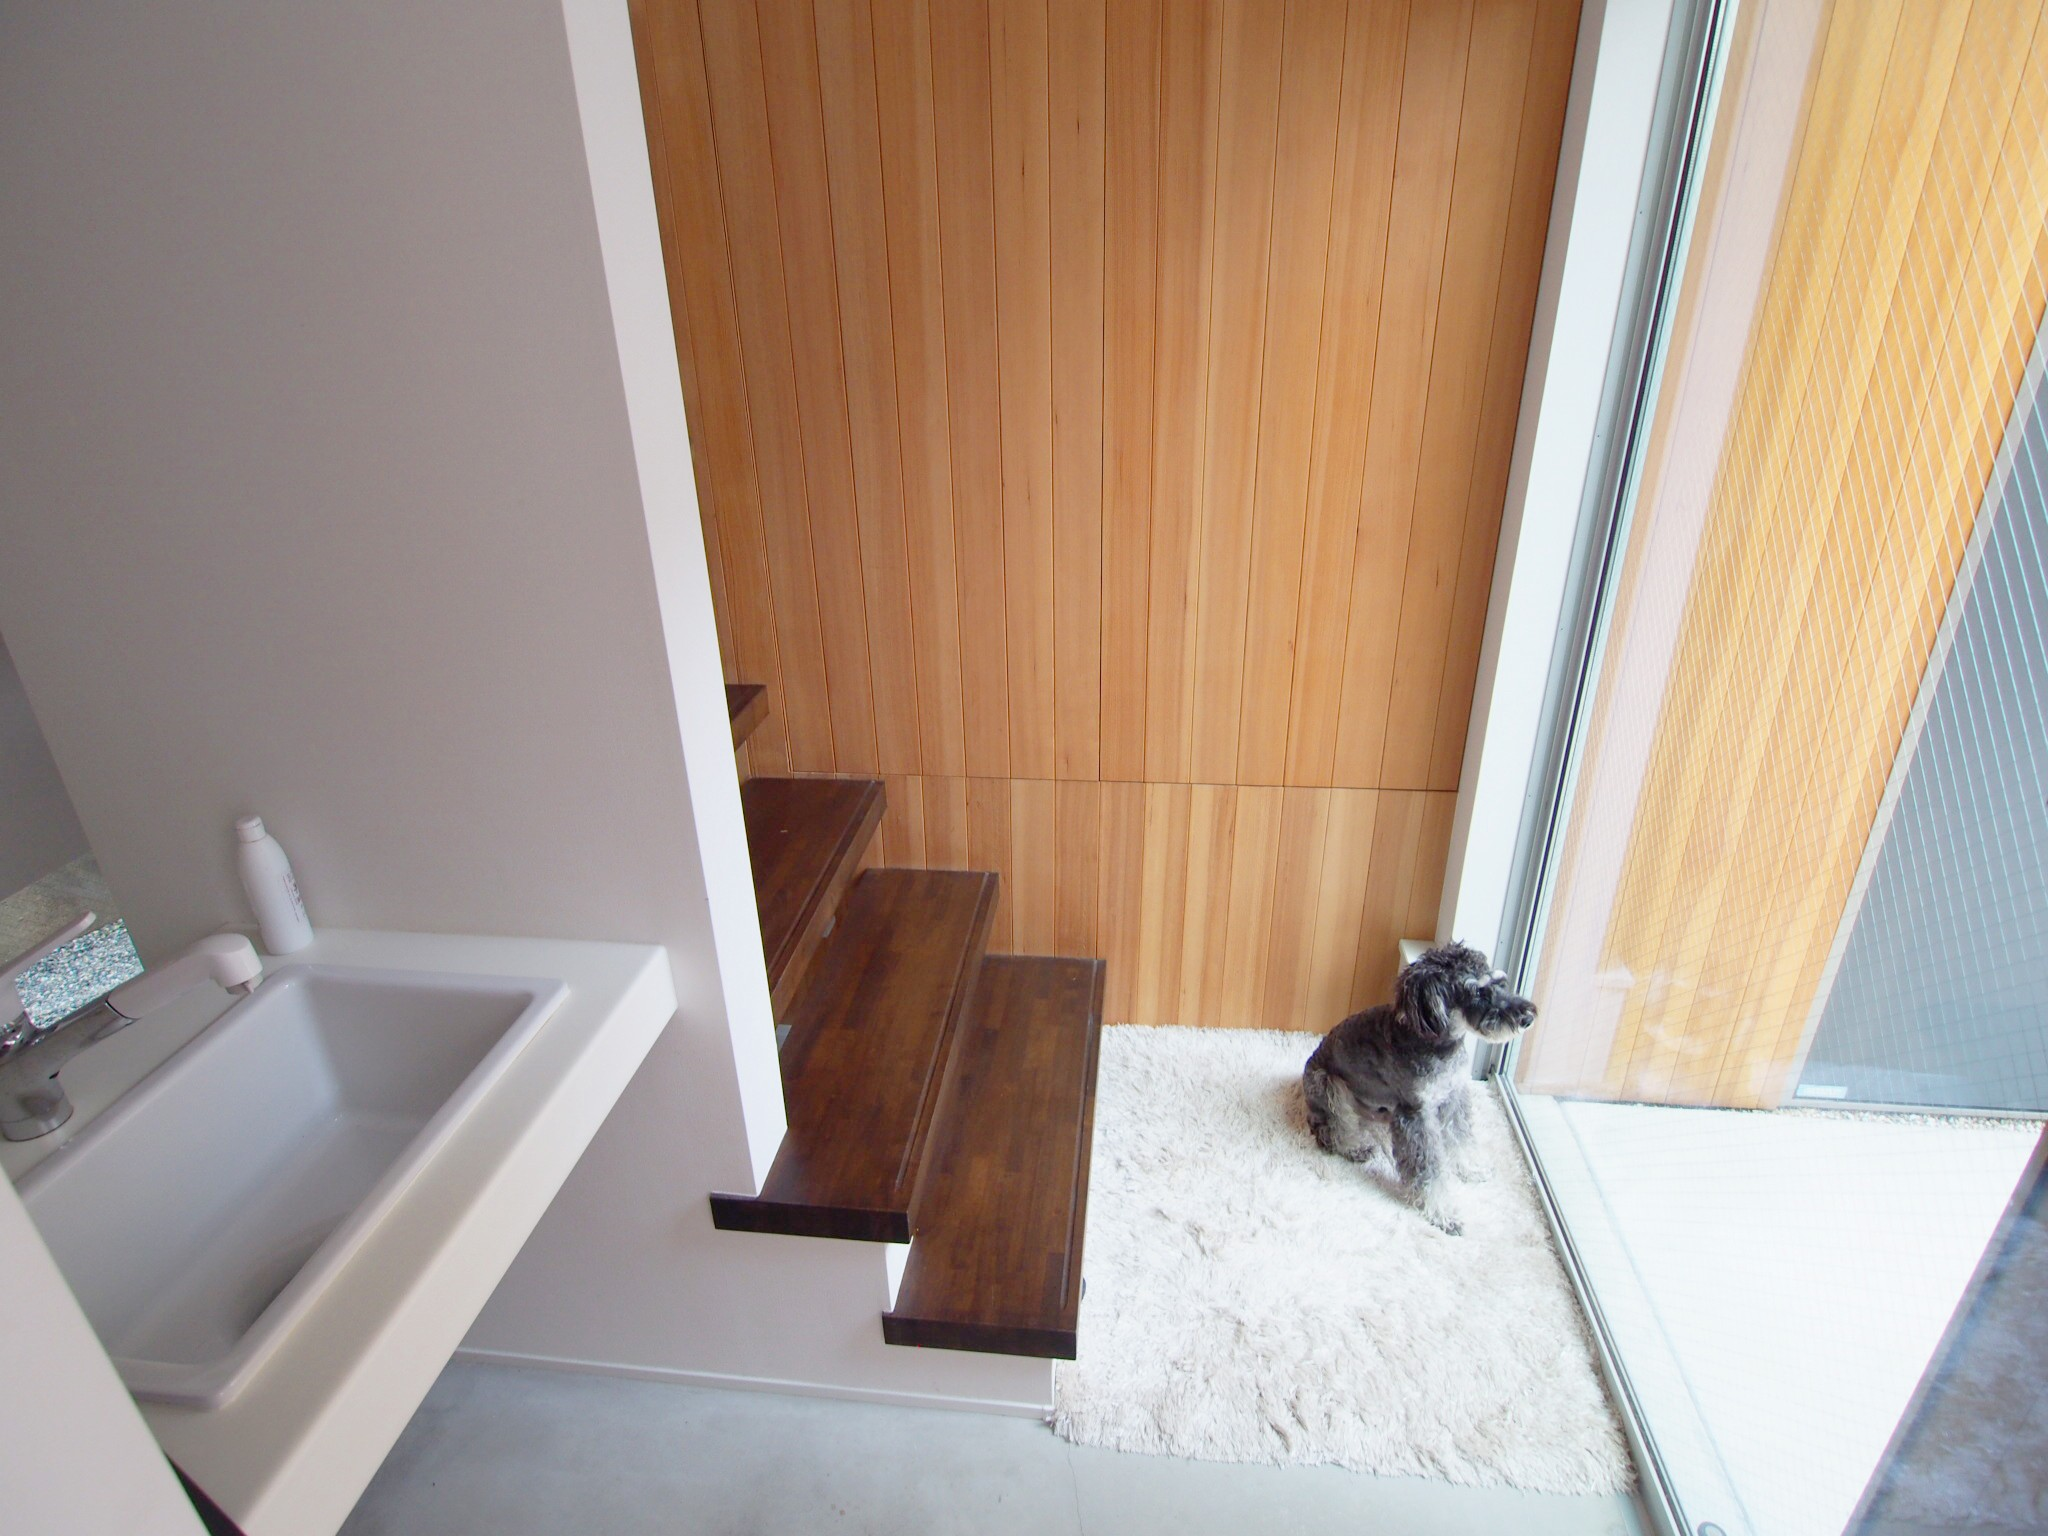 玄関事例:ペット洗い場のある玄関エントランス(Shibuya-somo)